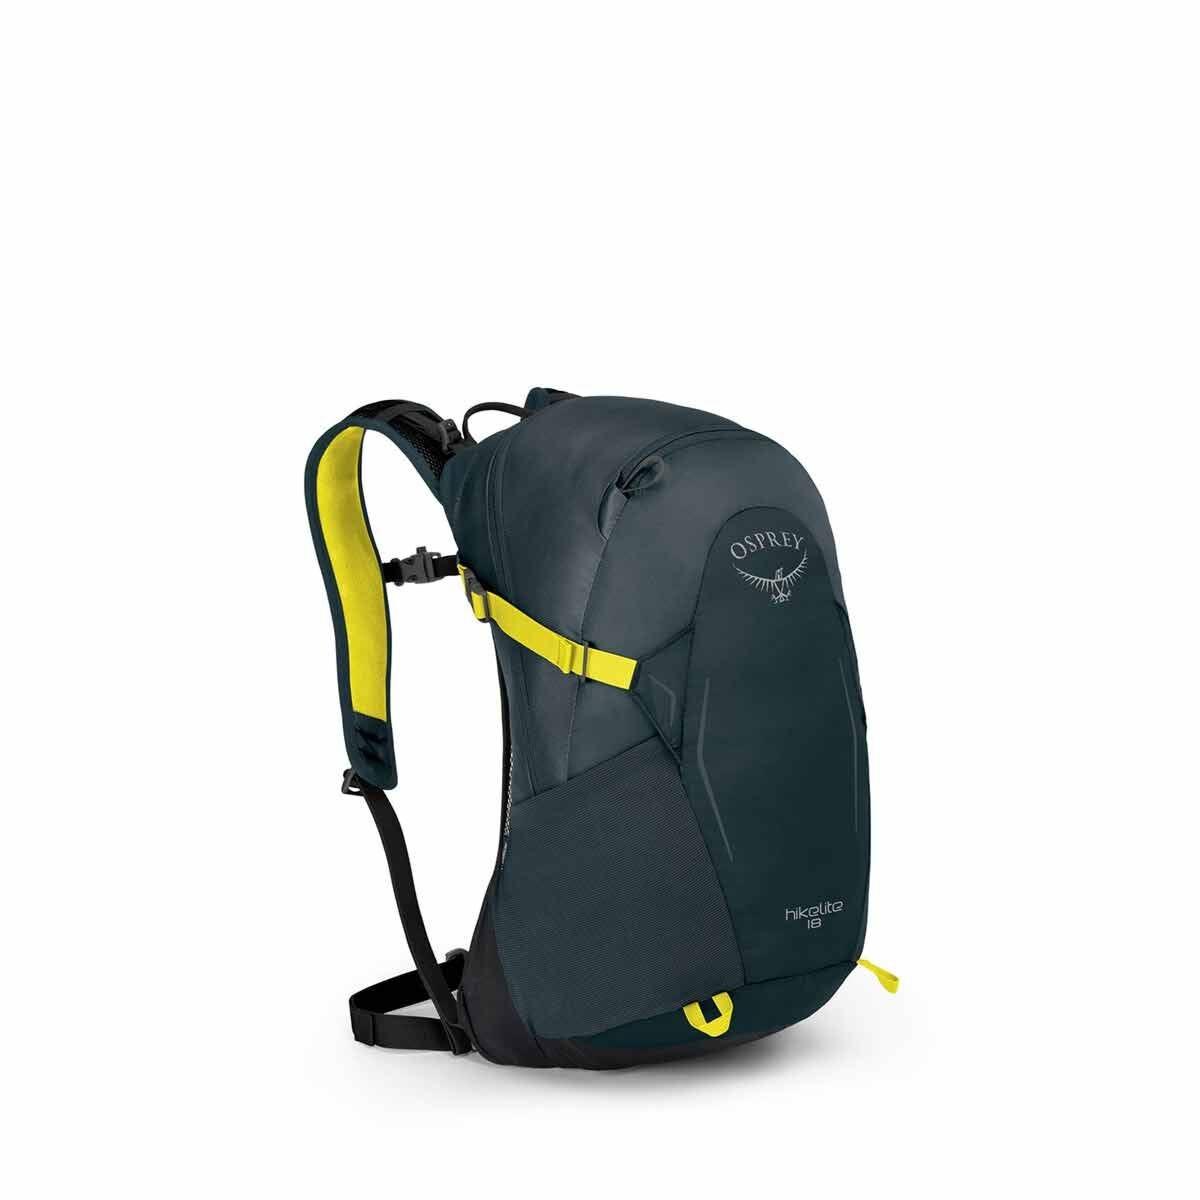 Osprey Hikelite 18 Litre Backpack